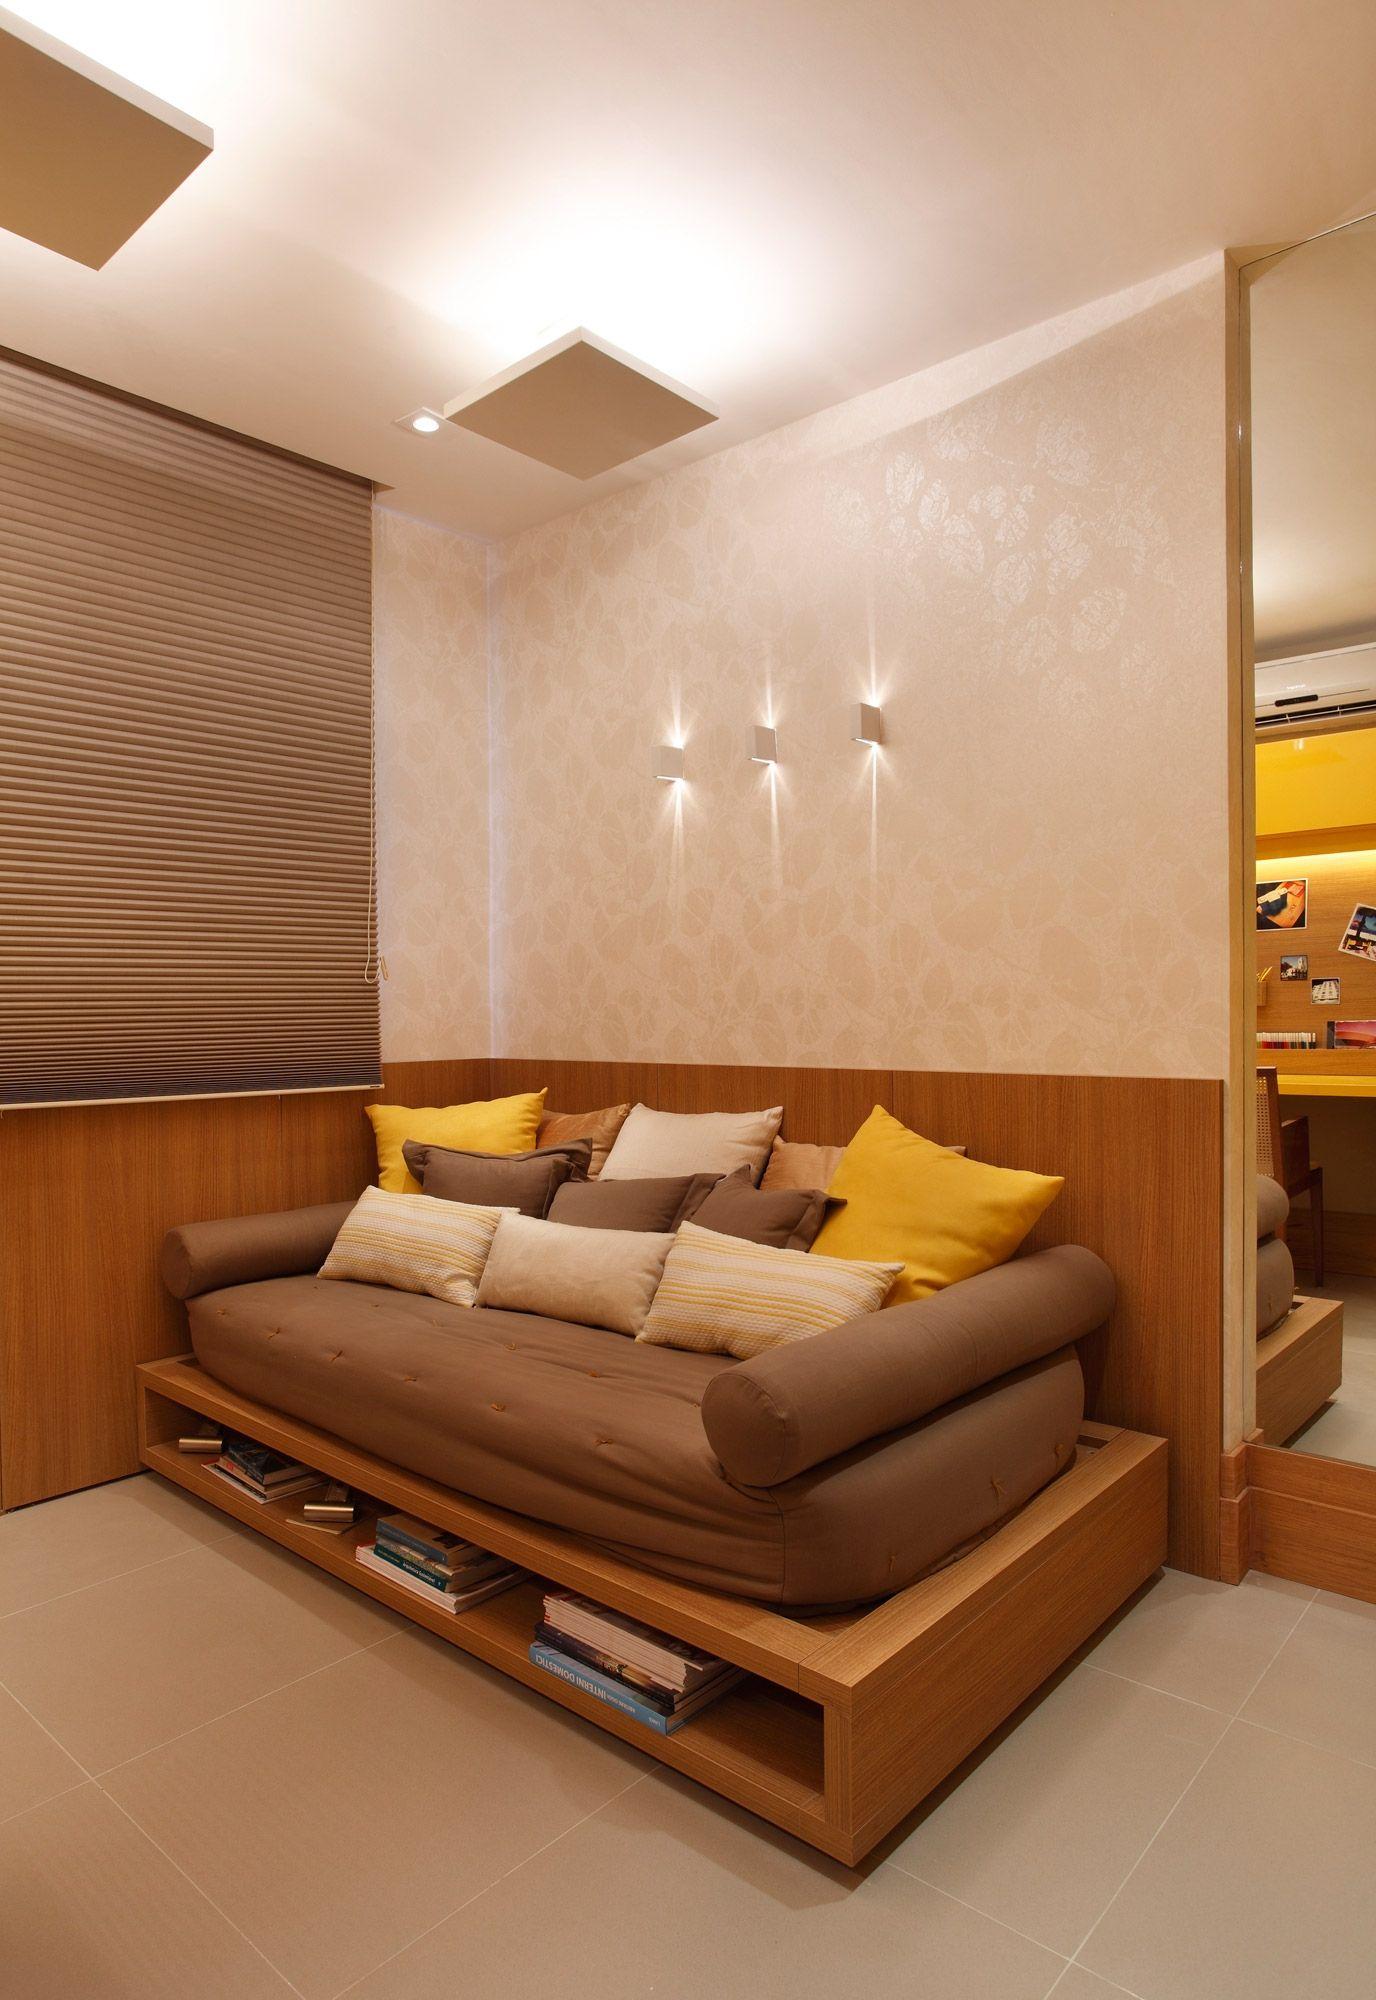 Cama vi vo modelo quadratto em acabamento legno miele - Sofa para cuarto ...